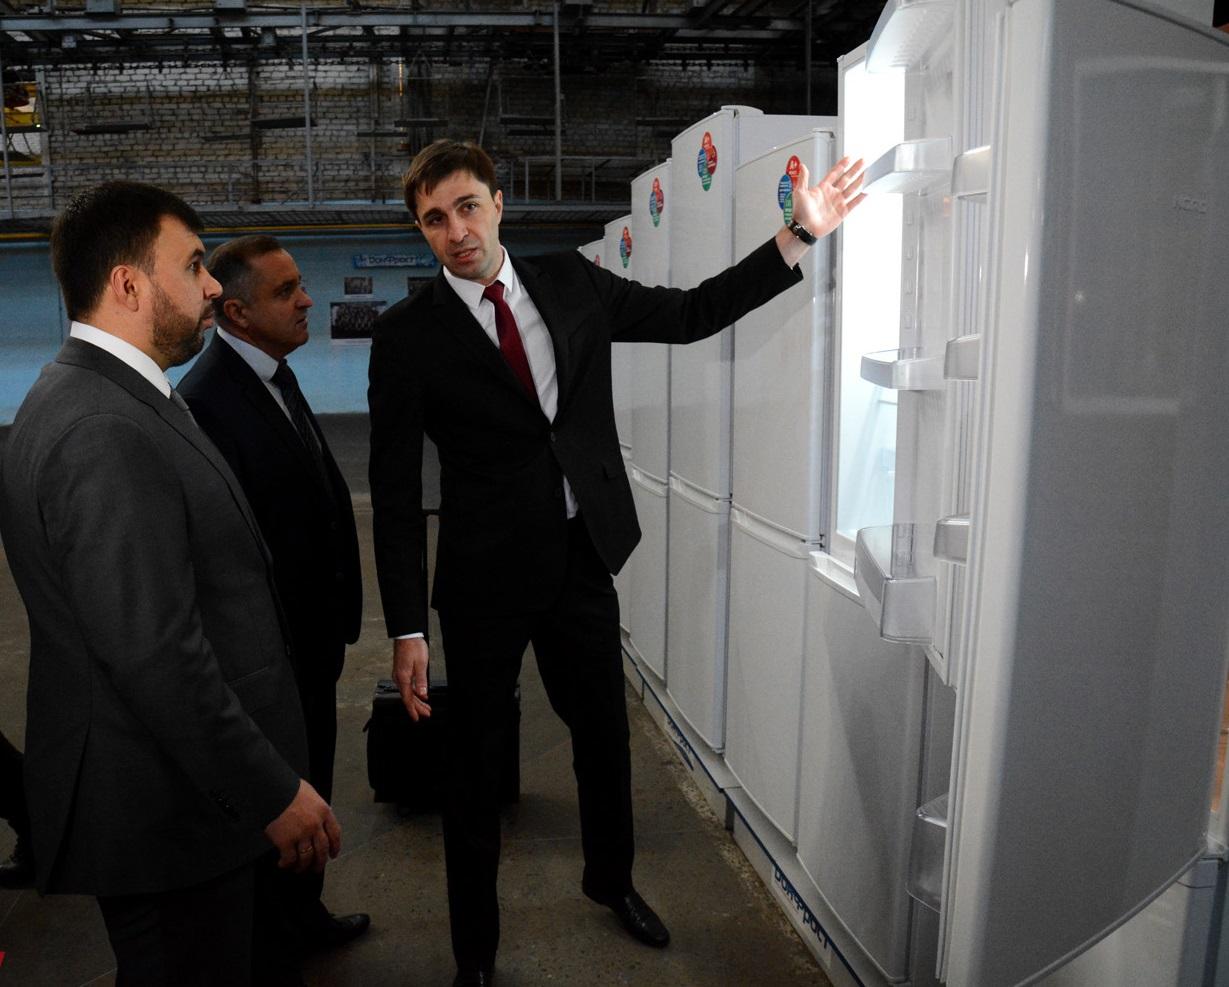 Донецкий завод холодильников более 90% продукции поставляет в Россию - директор